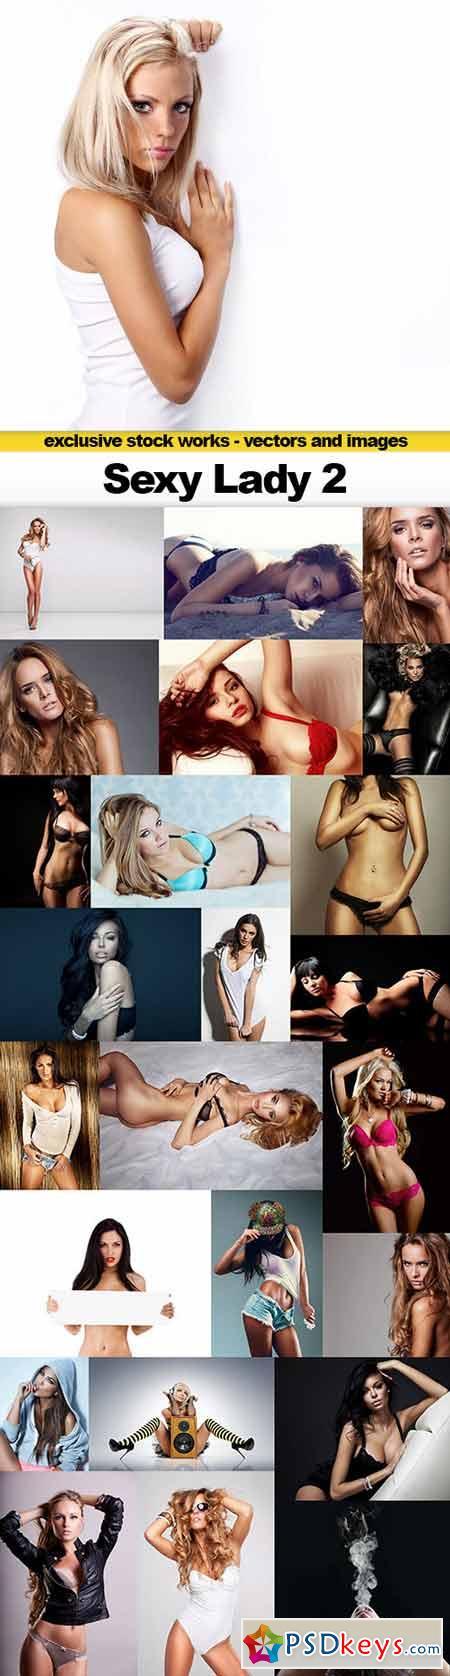 Sexy Lady 2, 25x UHQ JPEG